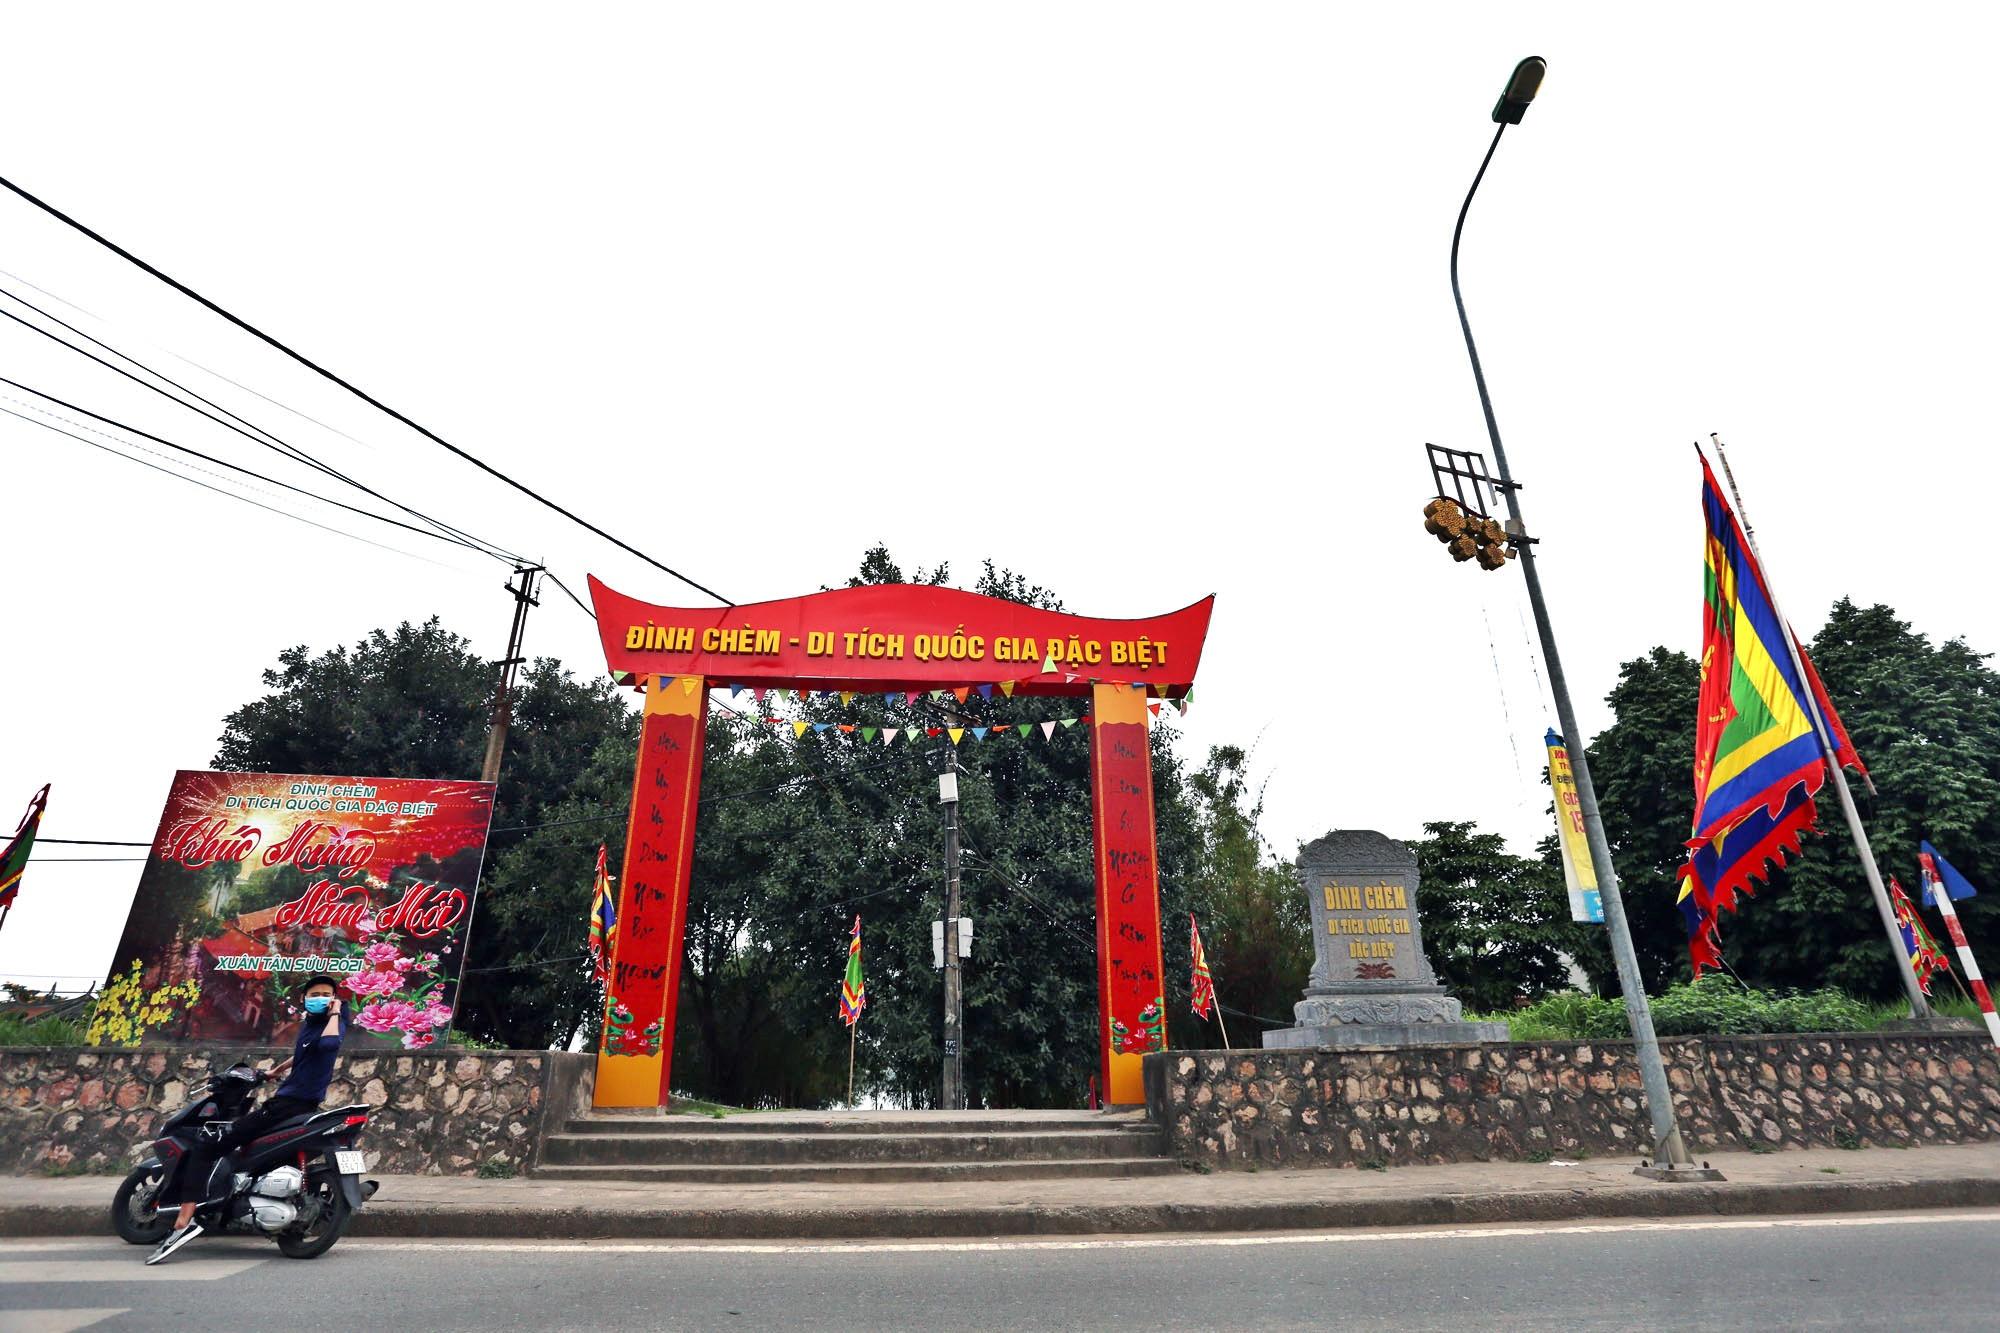 Toàn cảnh hiện trạng Phân khu đô thị sông Hồng trên địa bàn quận Bắc Từ Liêm - Ảnh 24.